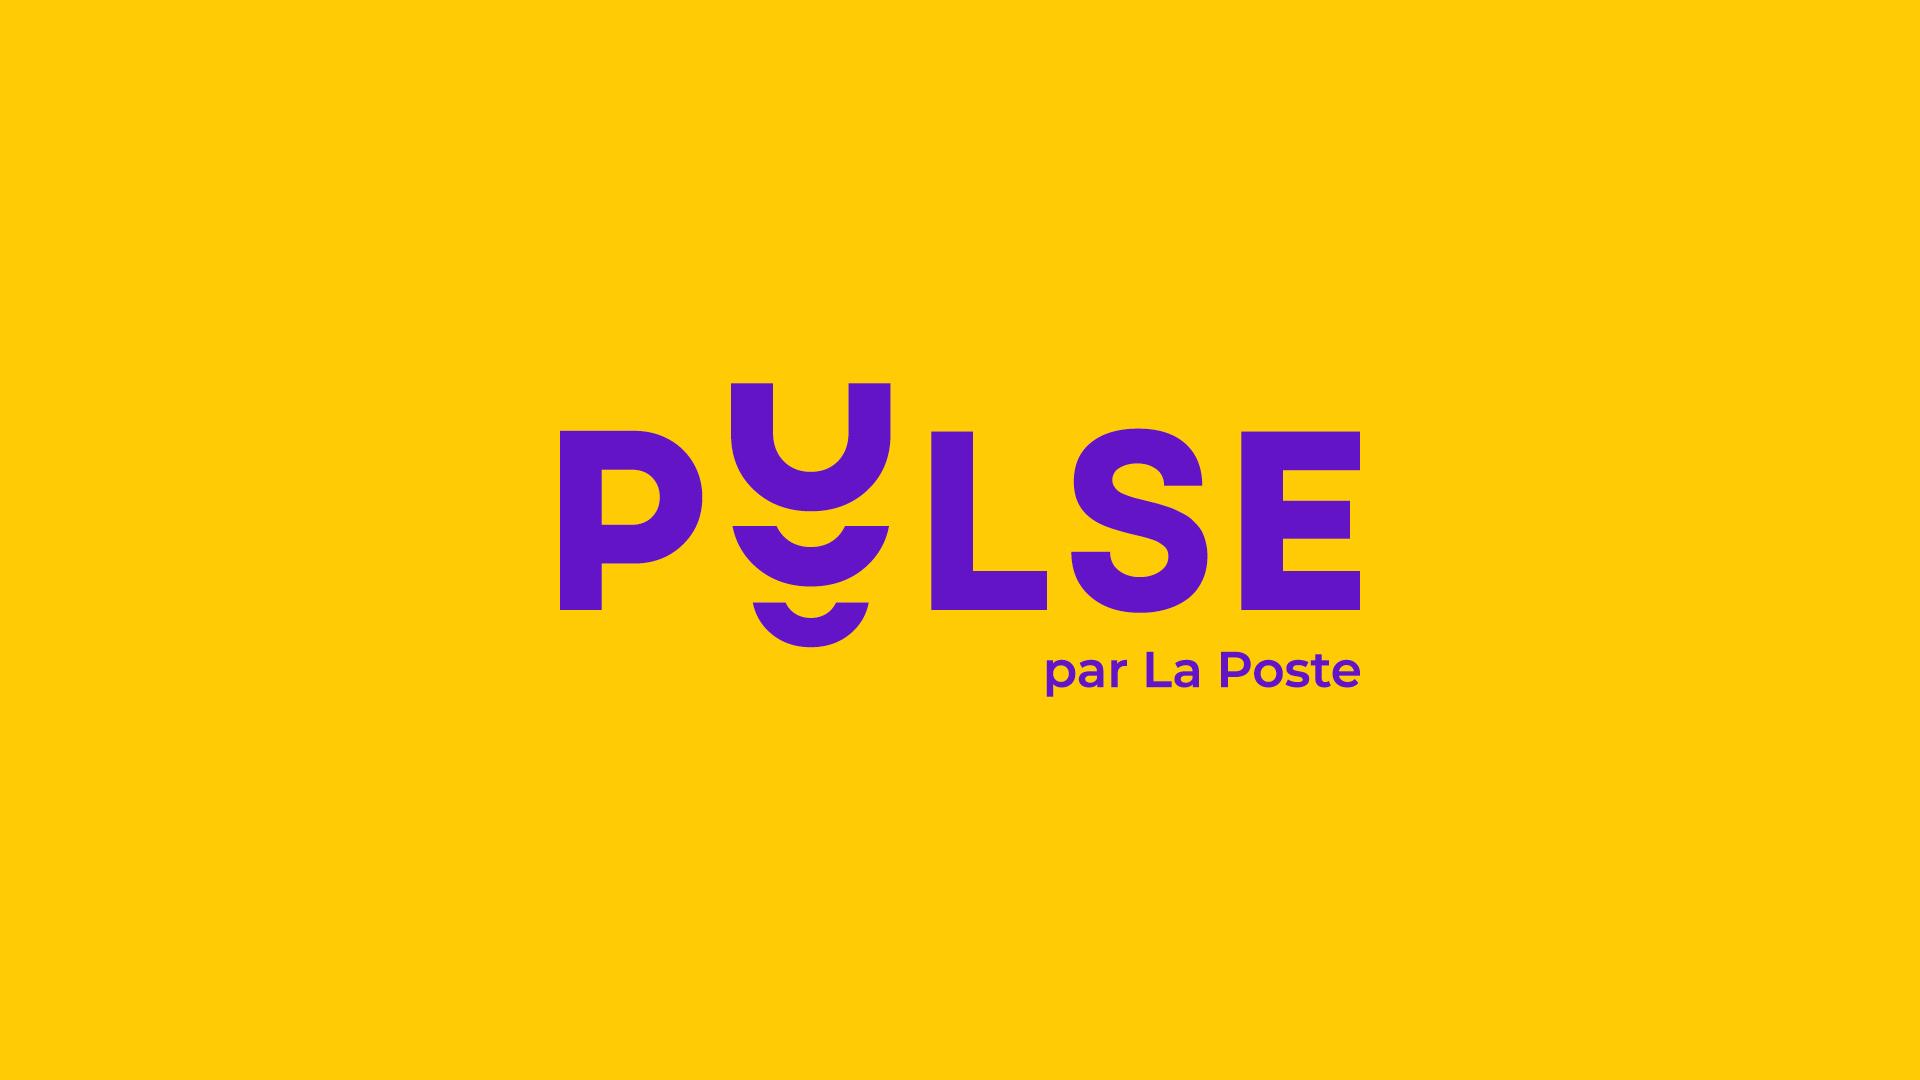 pulse_vignette_1